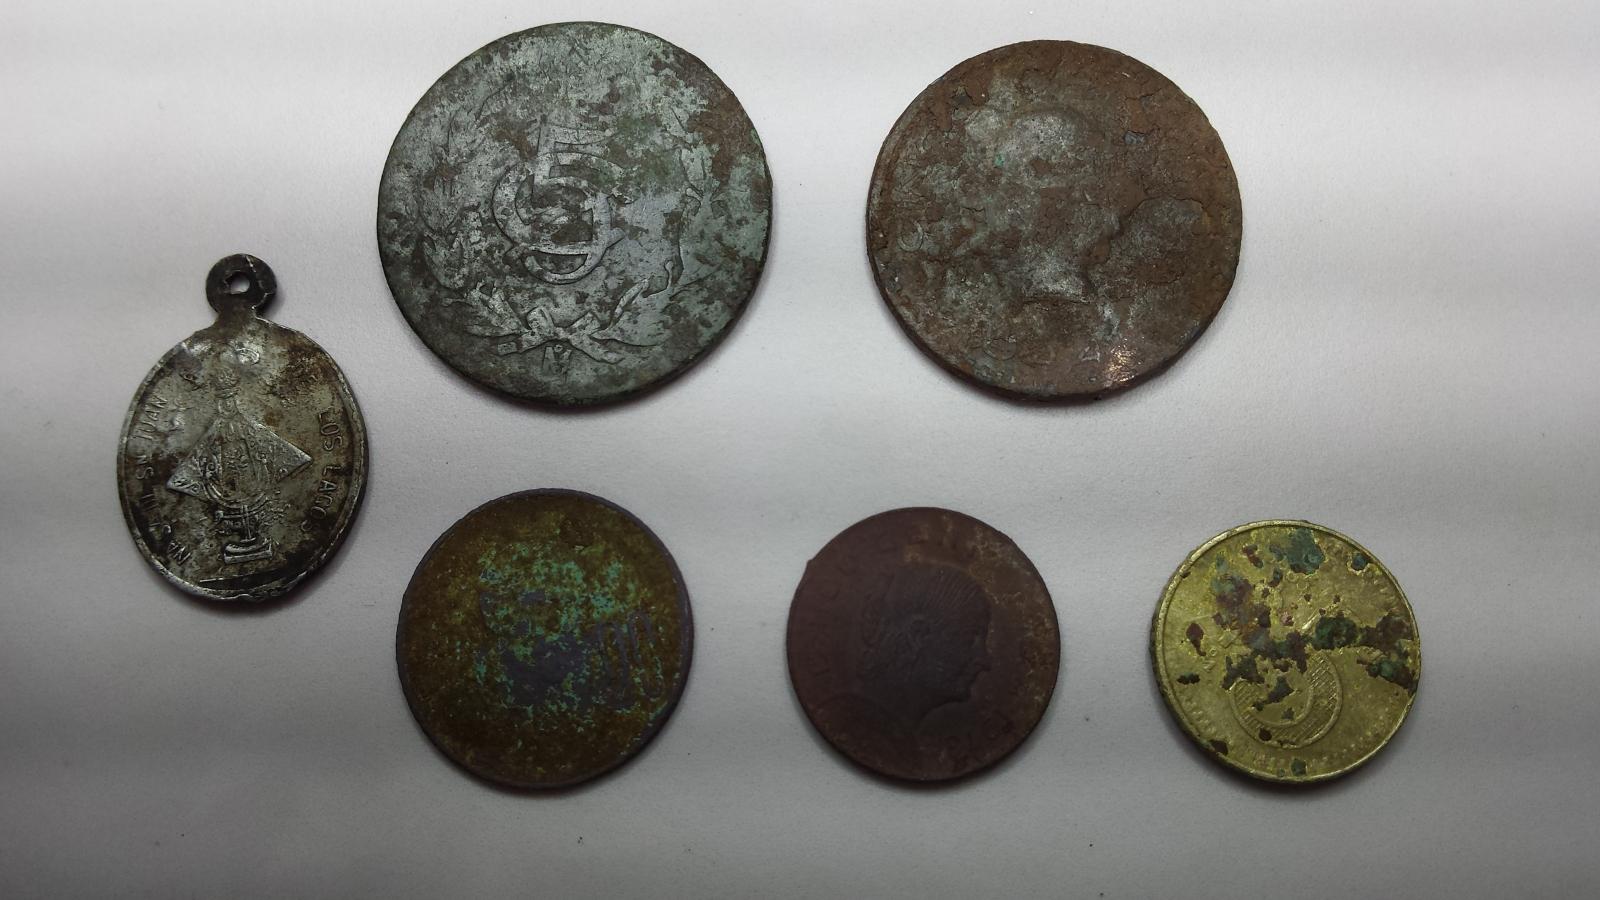 Monedeada en Puente de Calderón. Mwa9u1